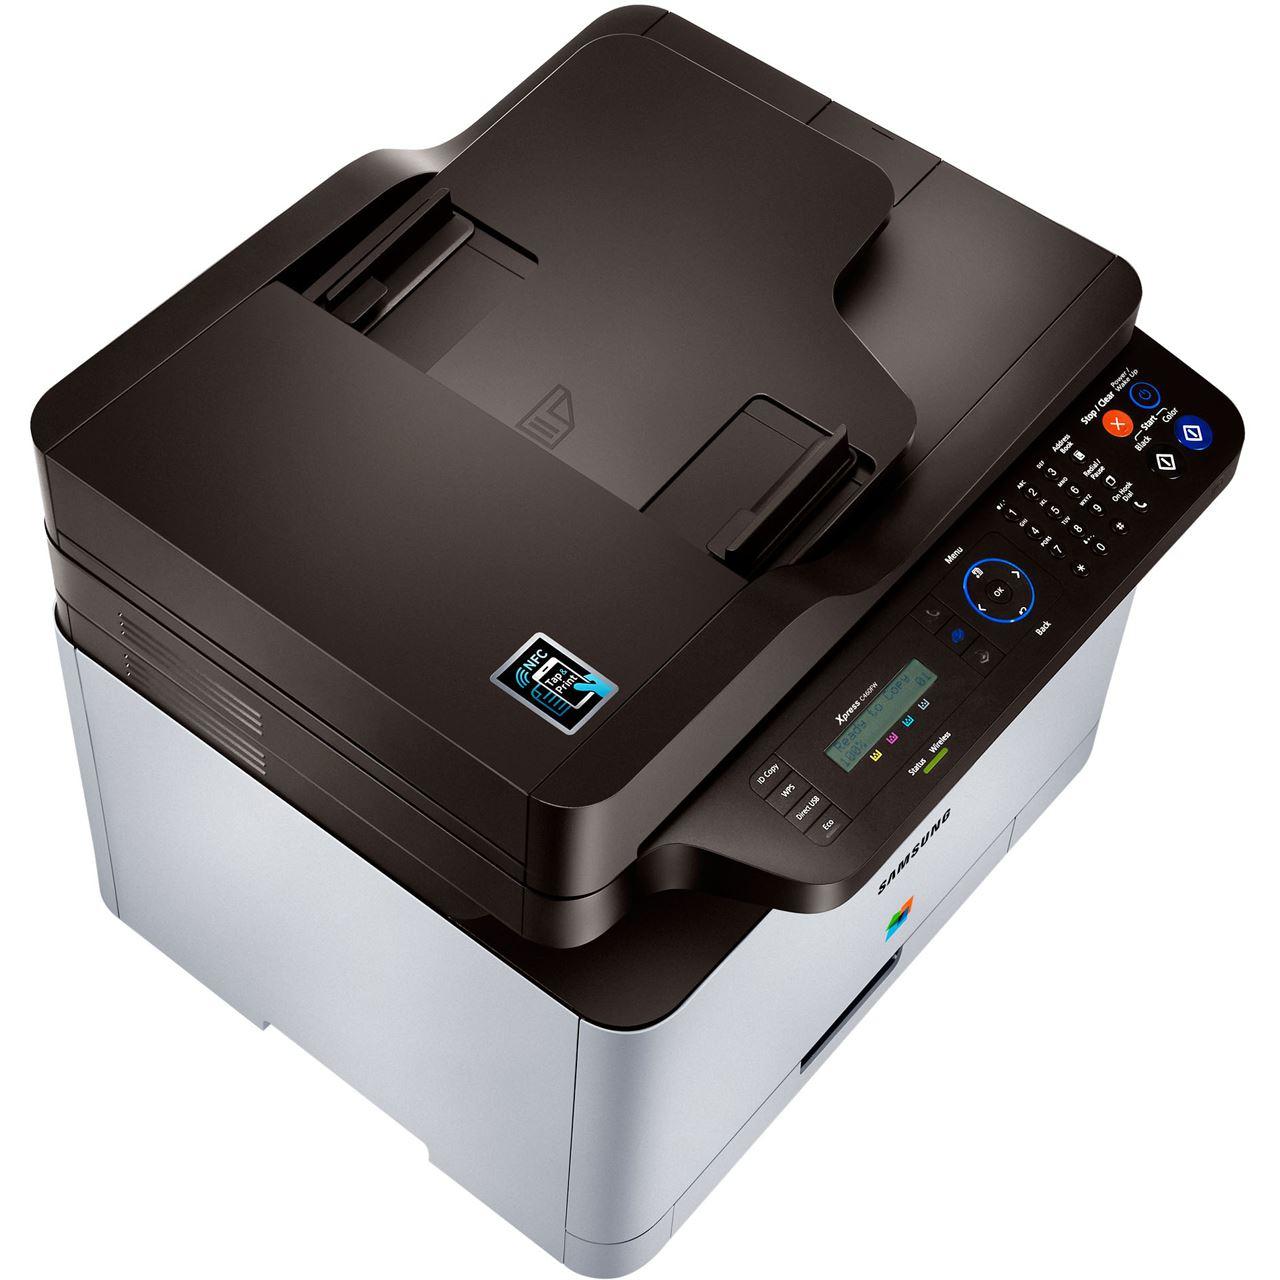 samsung xpress c460fw farblaser drucken scannen kopieren faxen. Black Bedroom Furniture Sets. Home Design Ideas